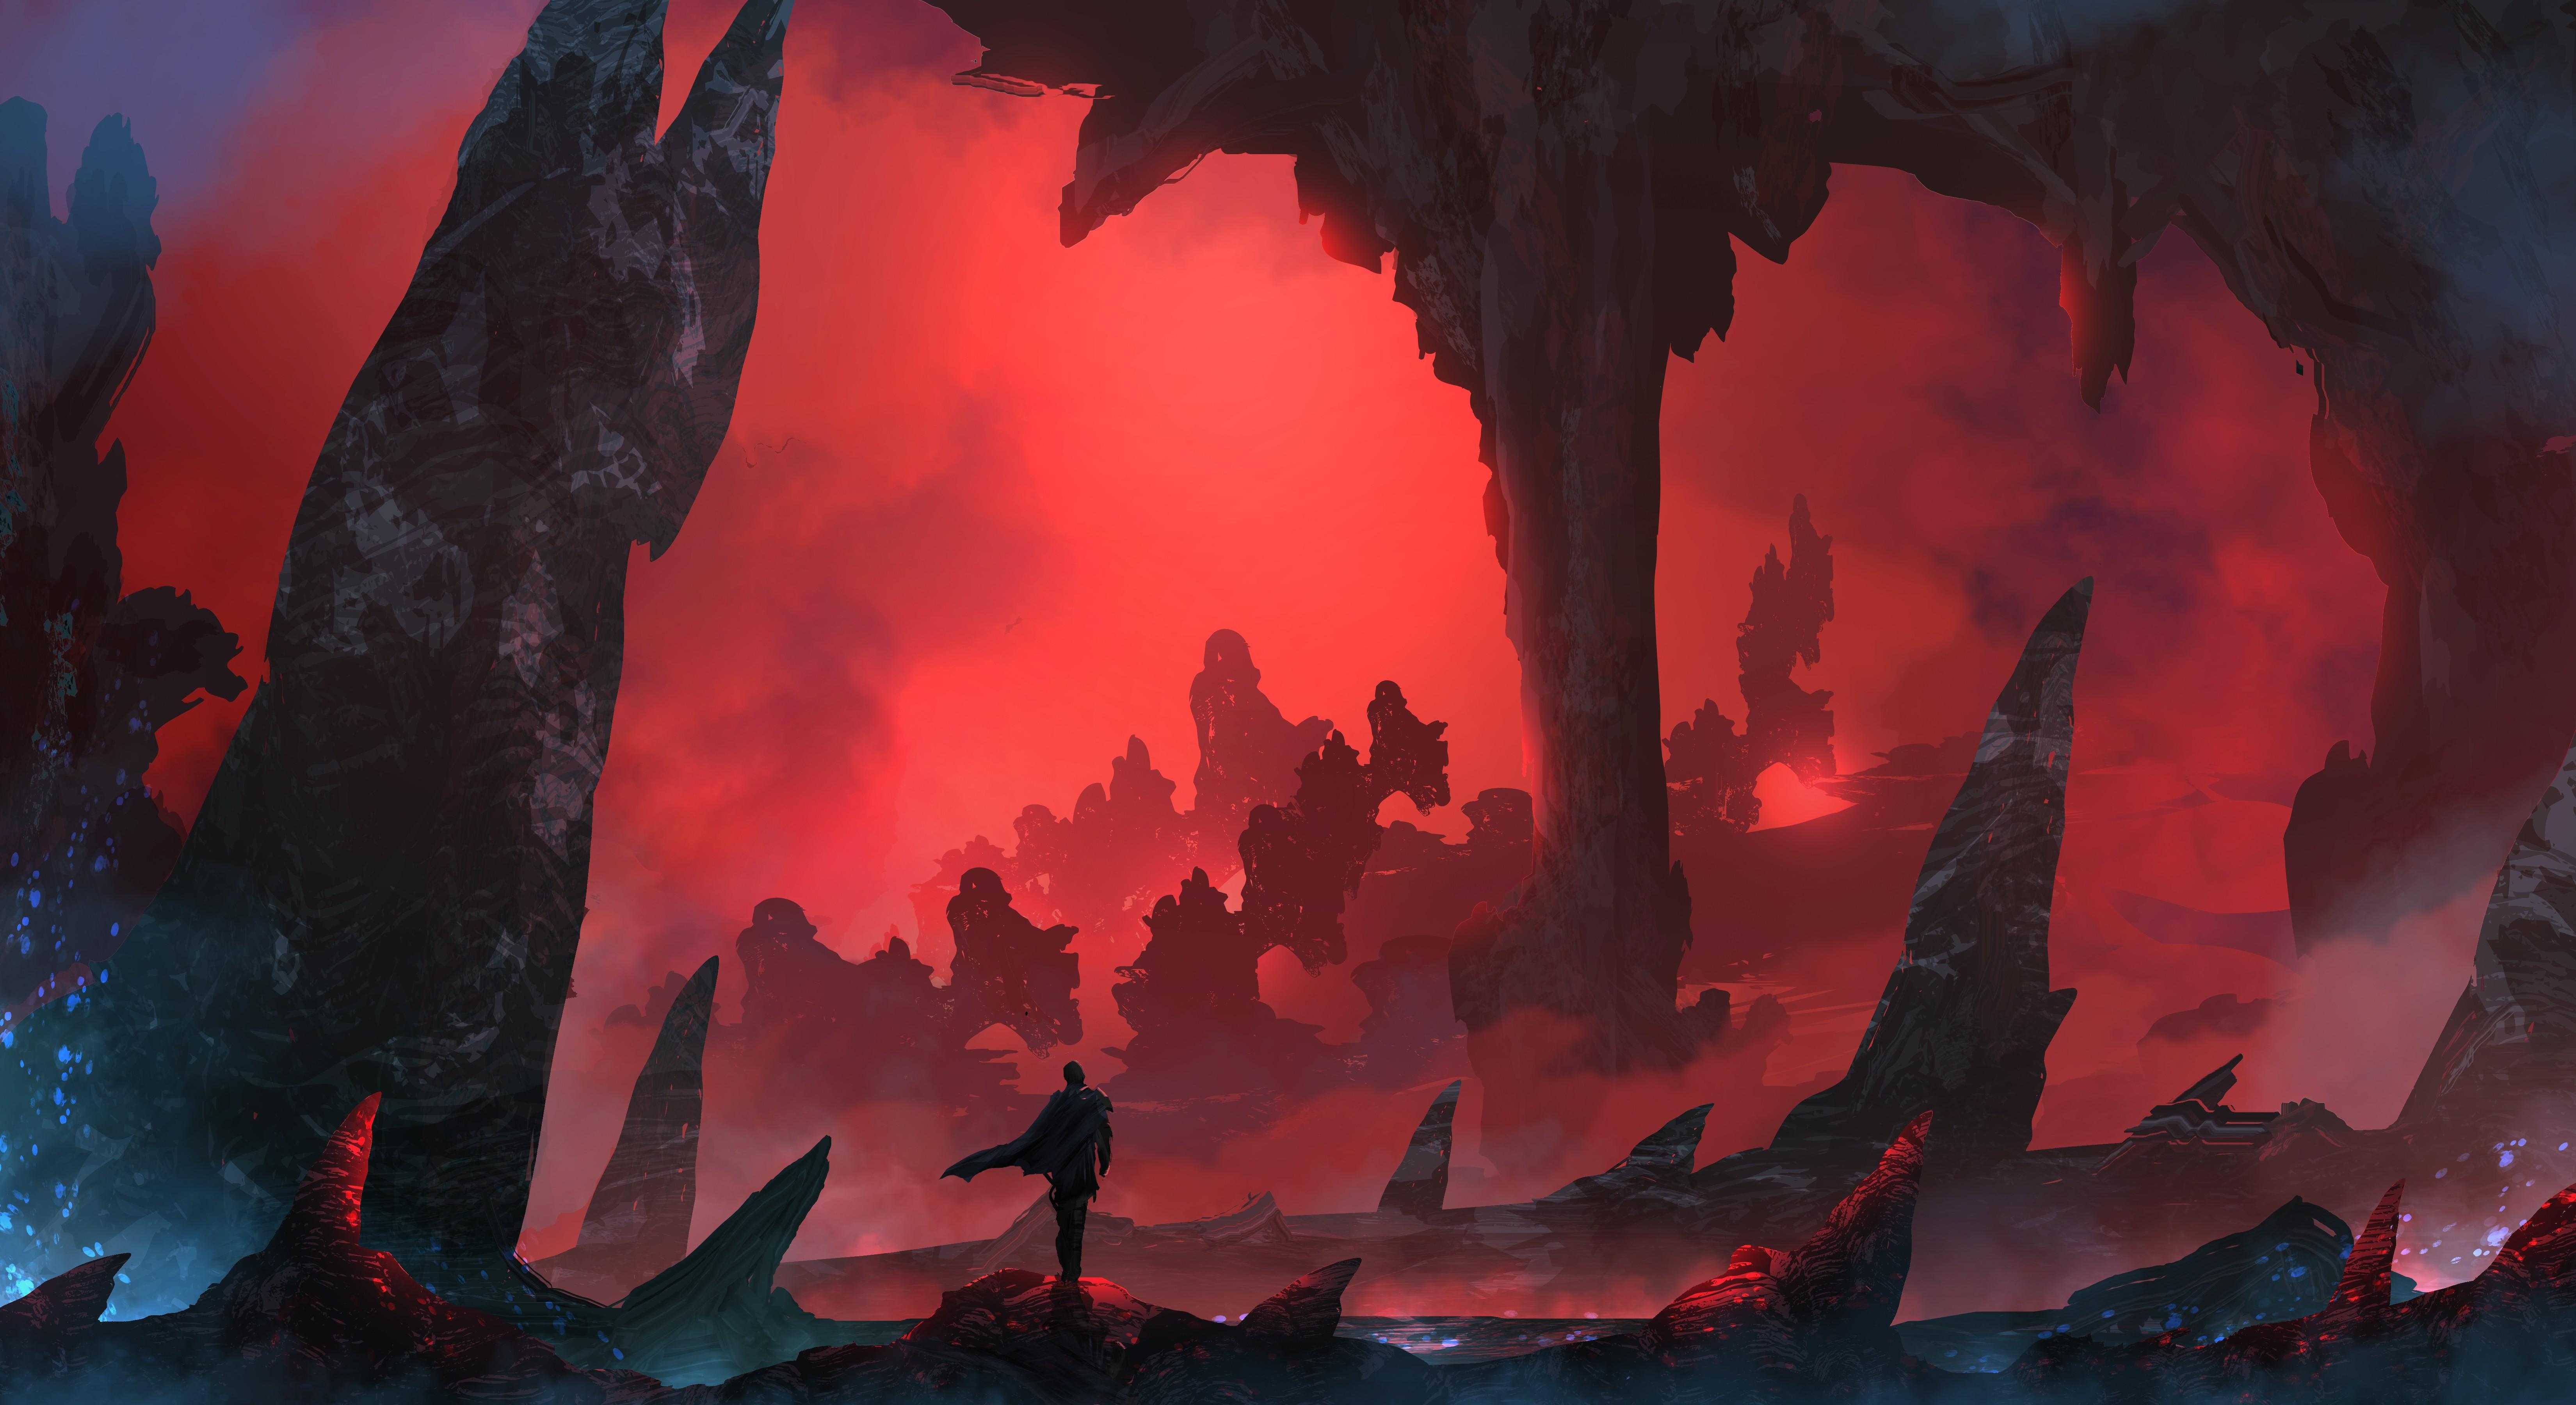 Wallpaper Fantasy Art Rock Mist Hero Warrior